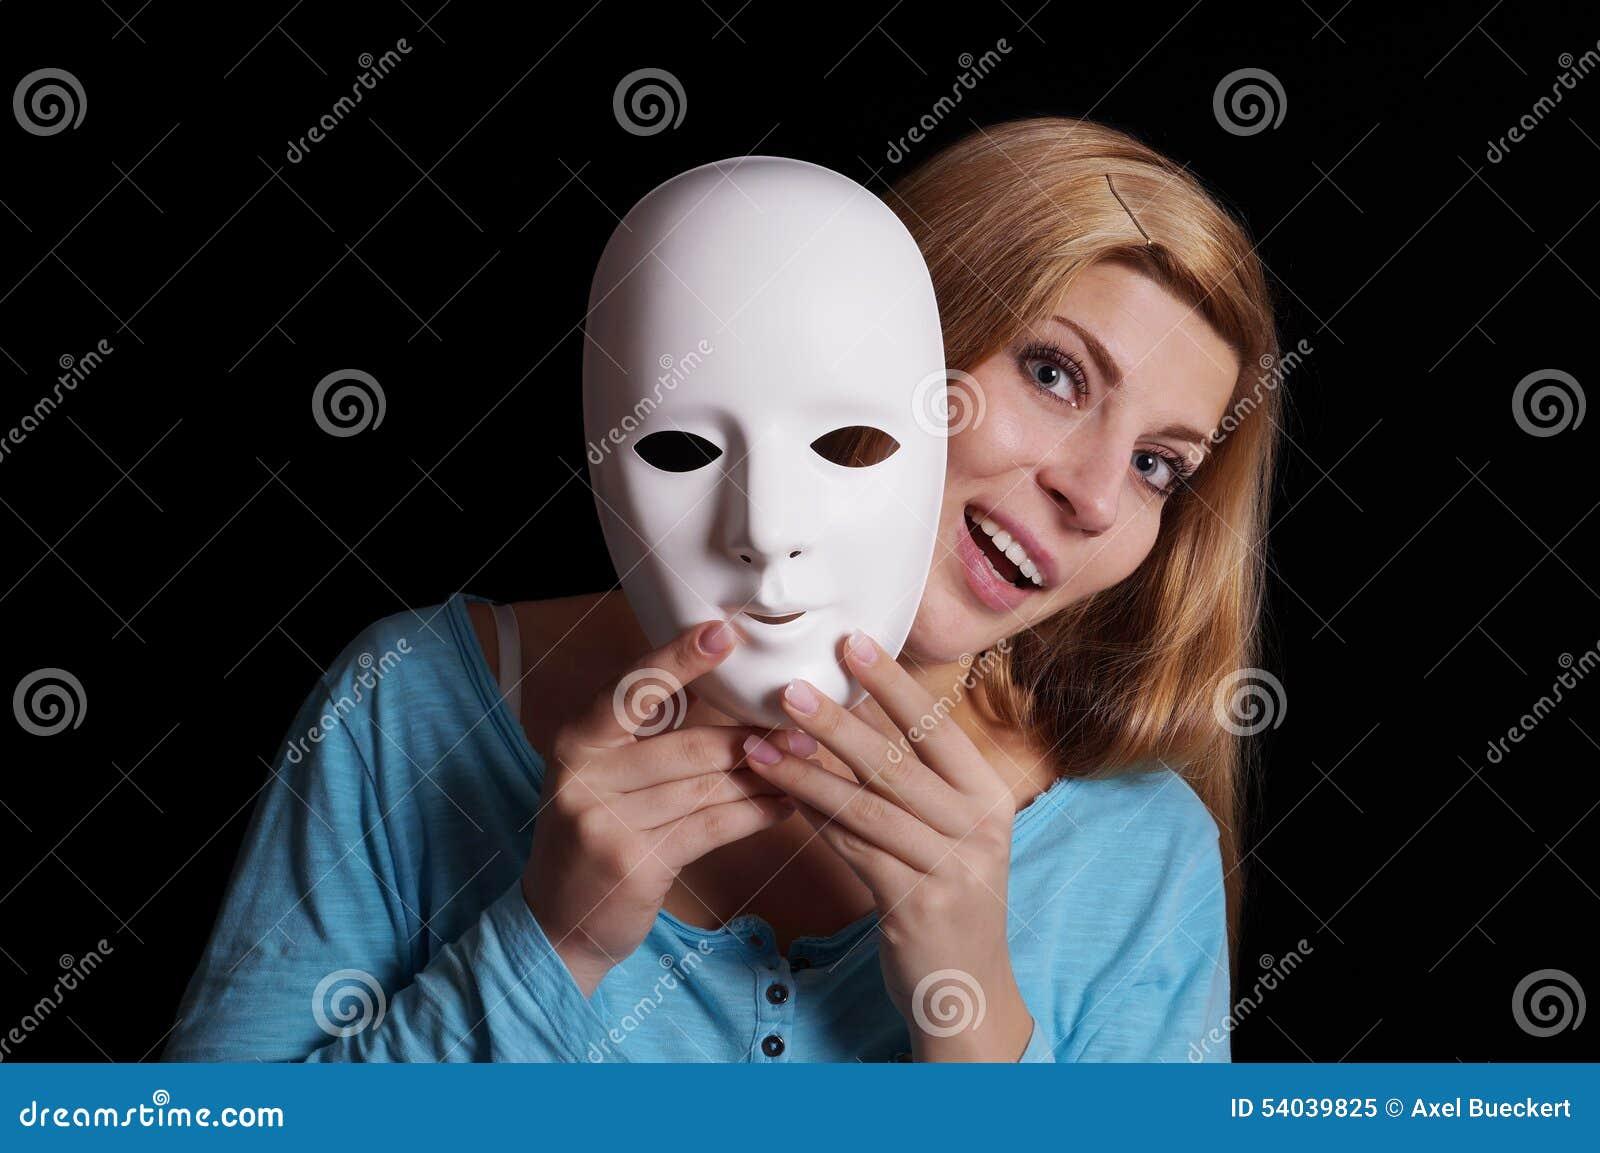 Die Maske aus dem Ton für die Person soll vertrocknen